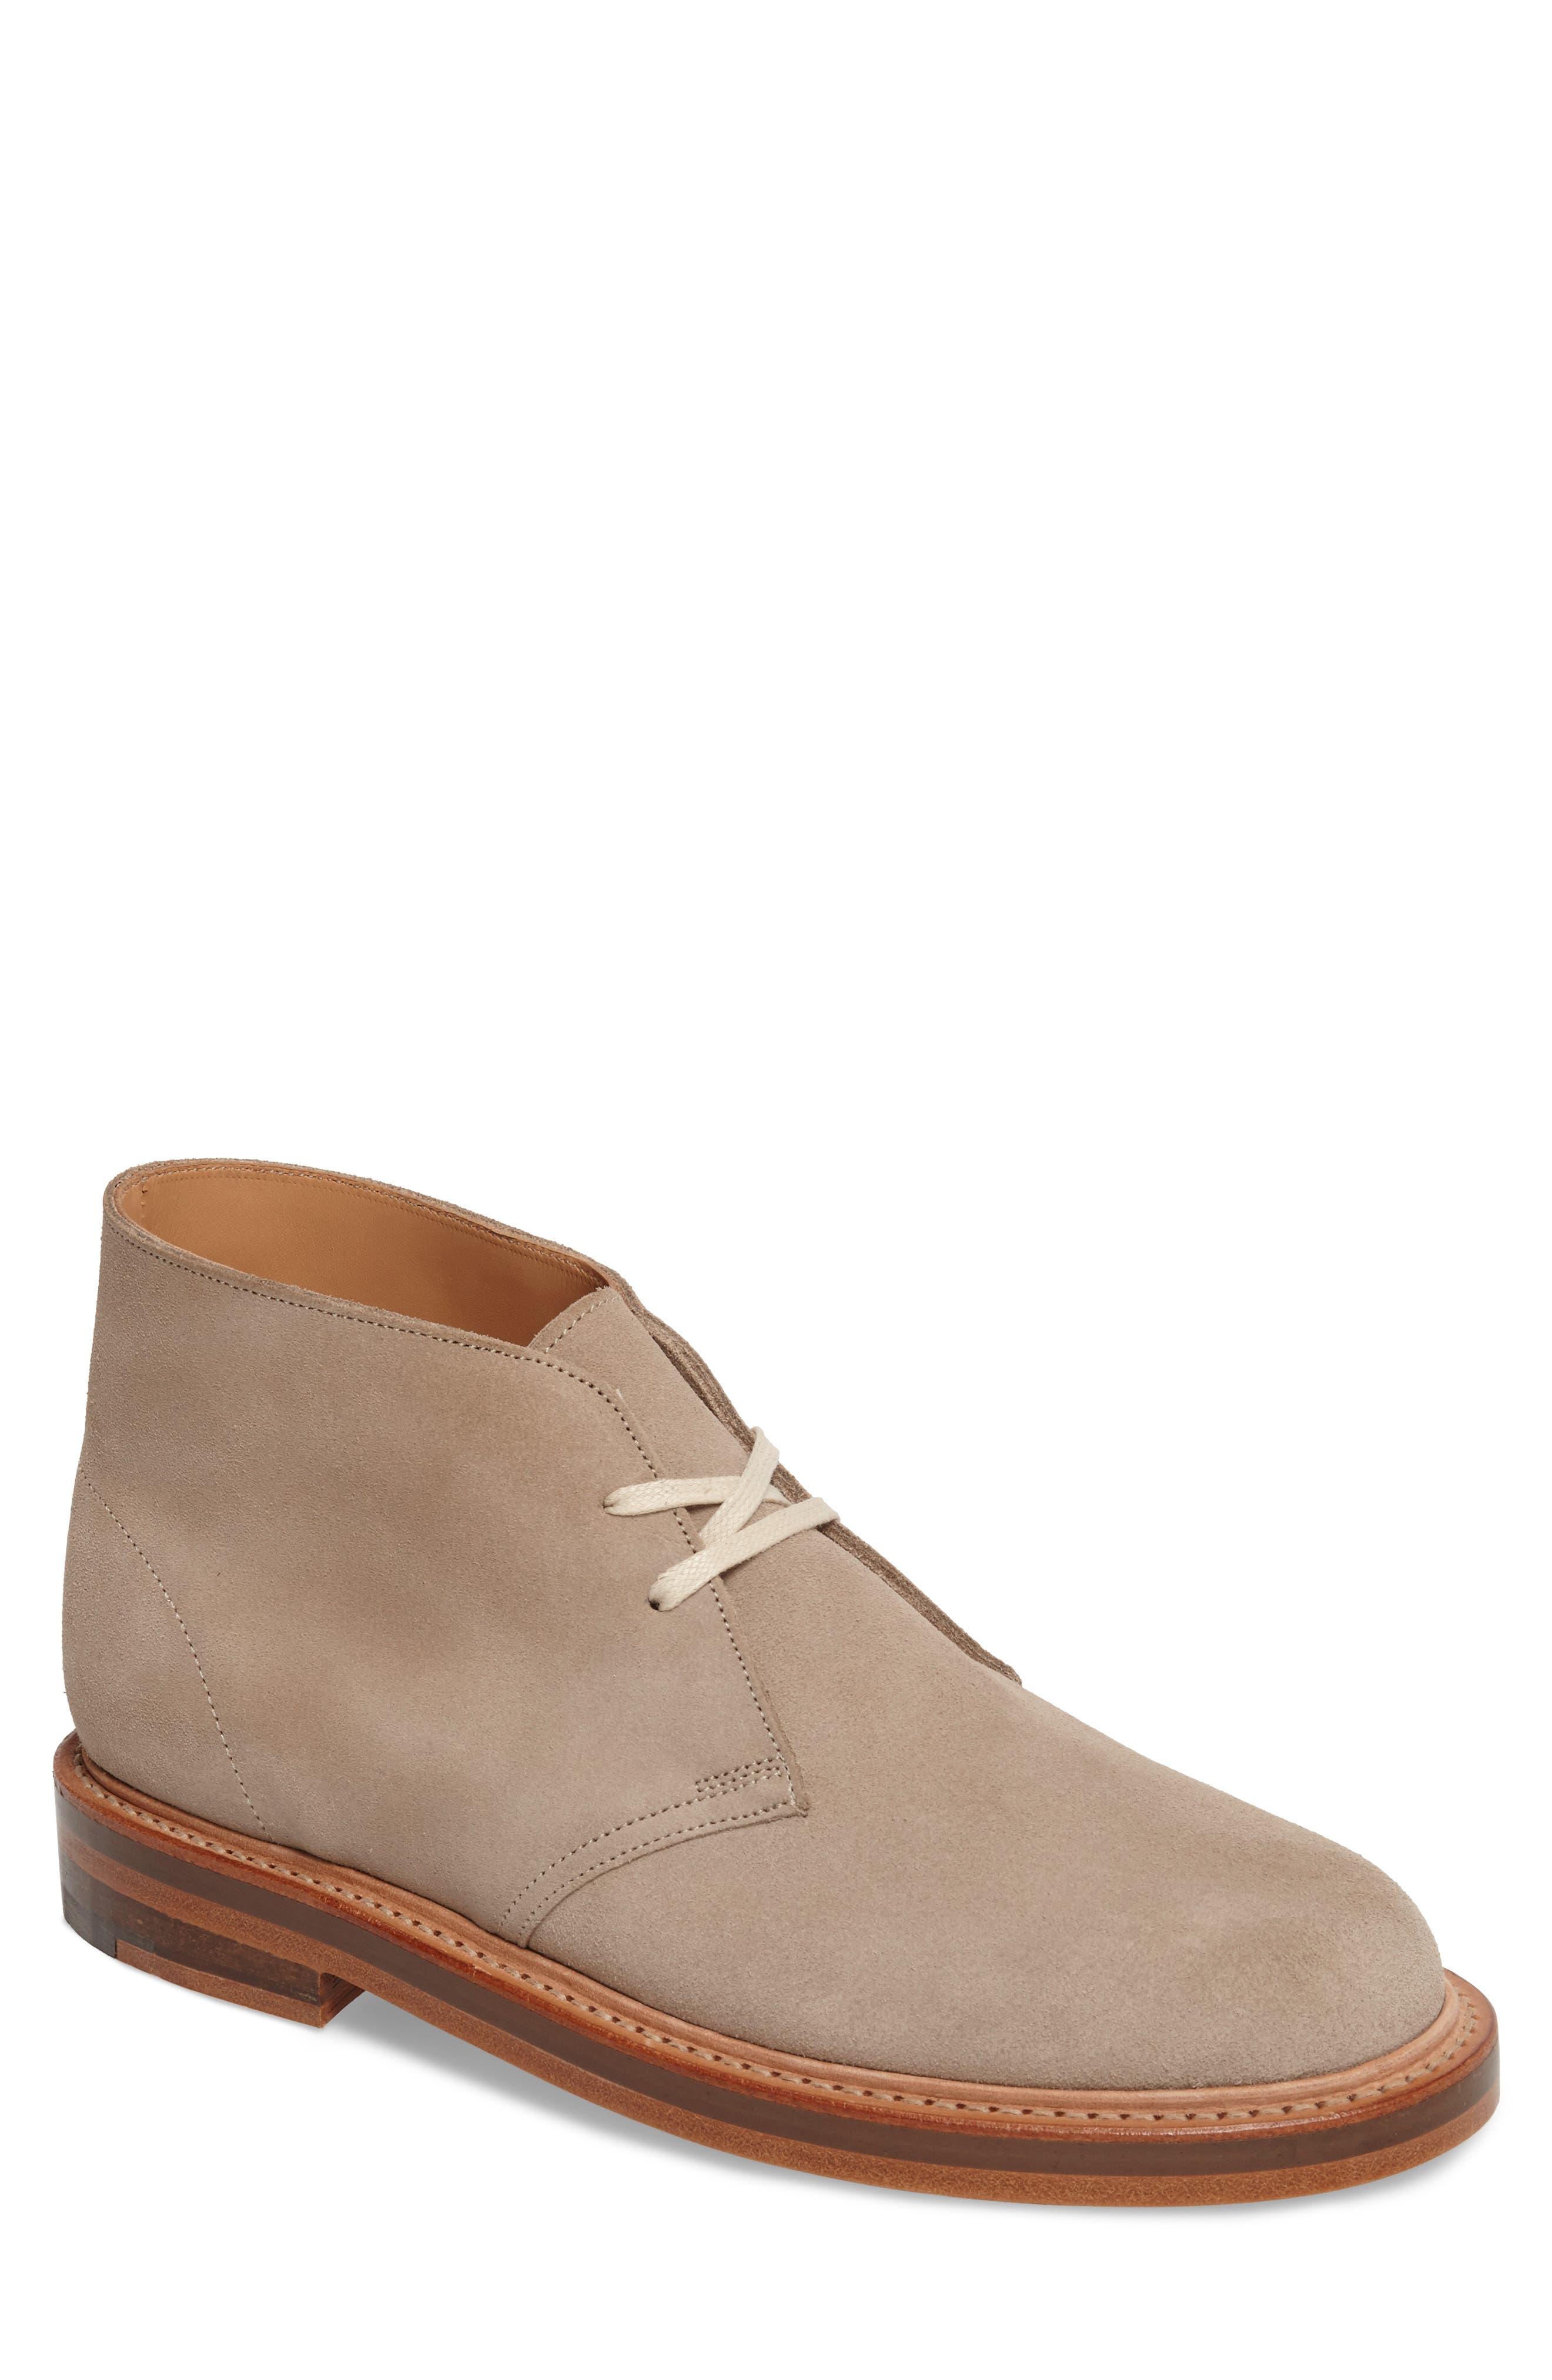 Clarks Desert Chukka Boot (Men)